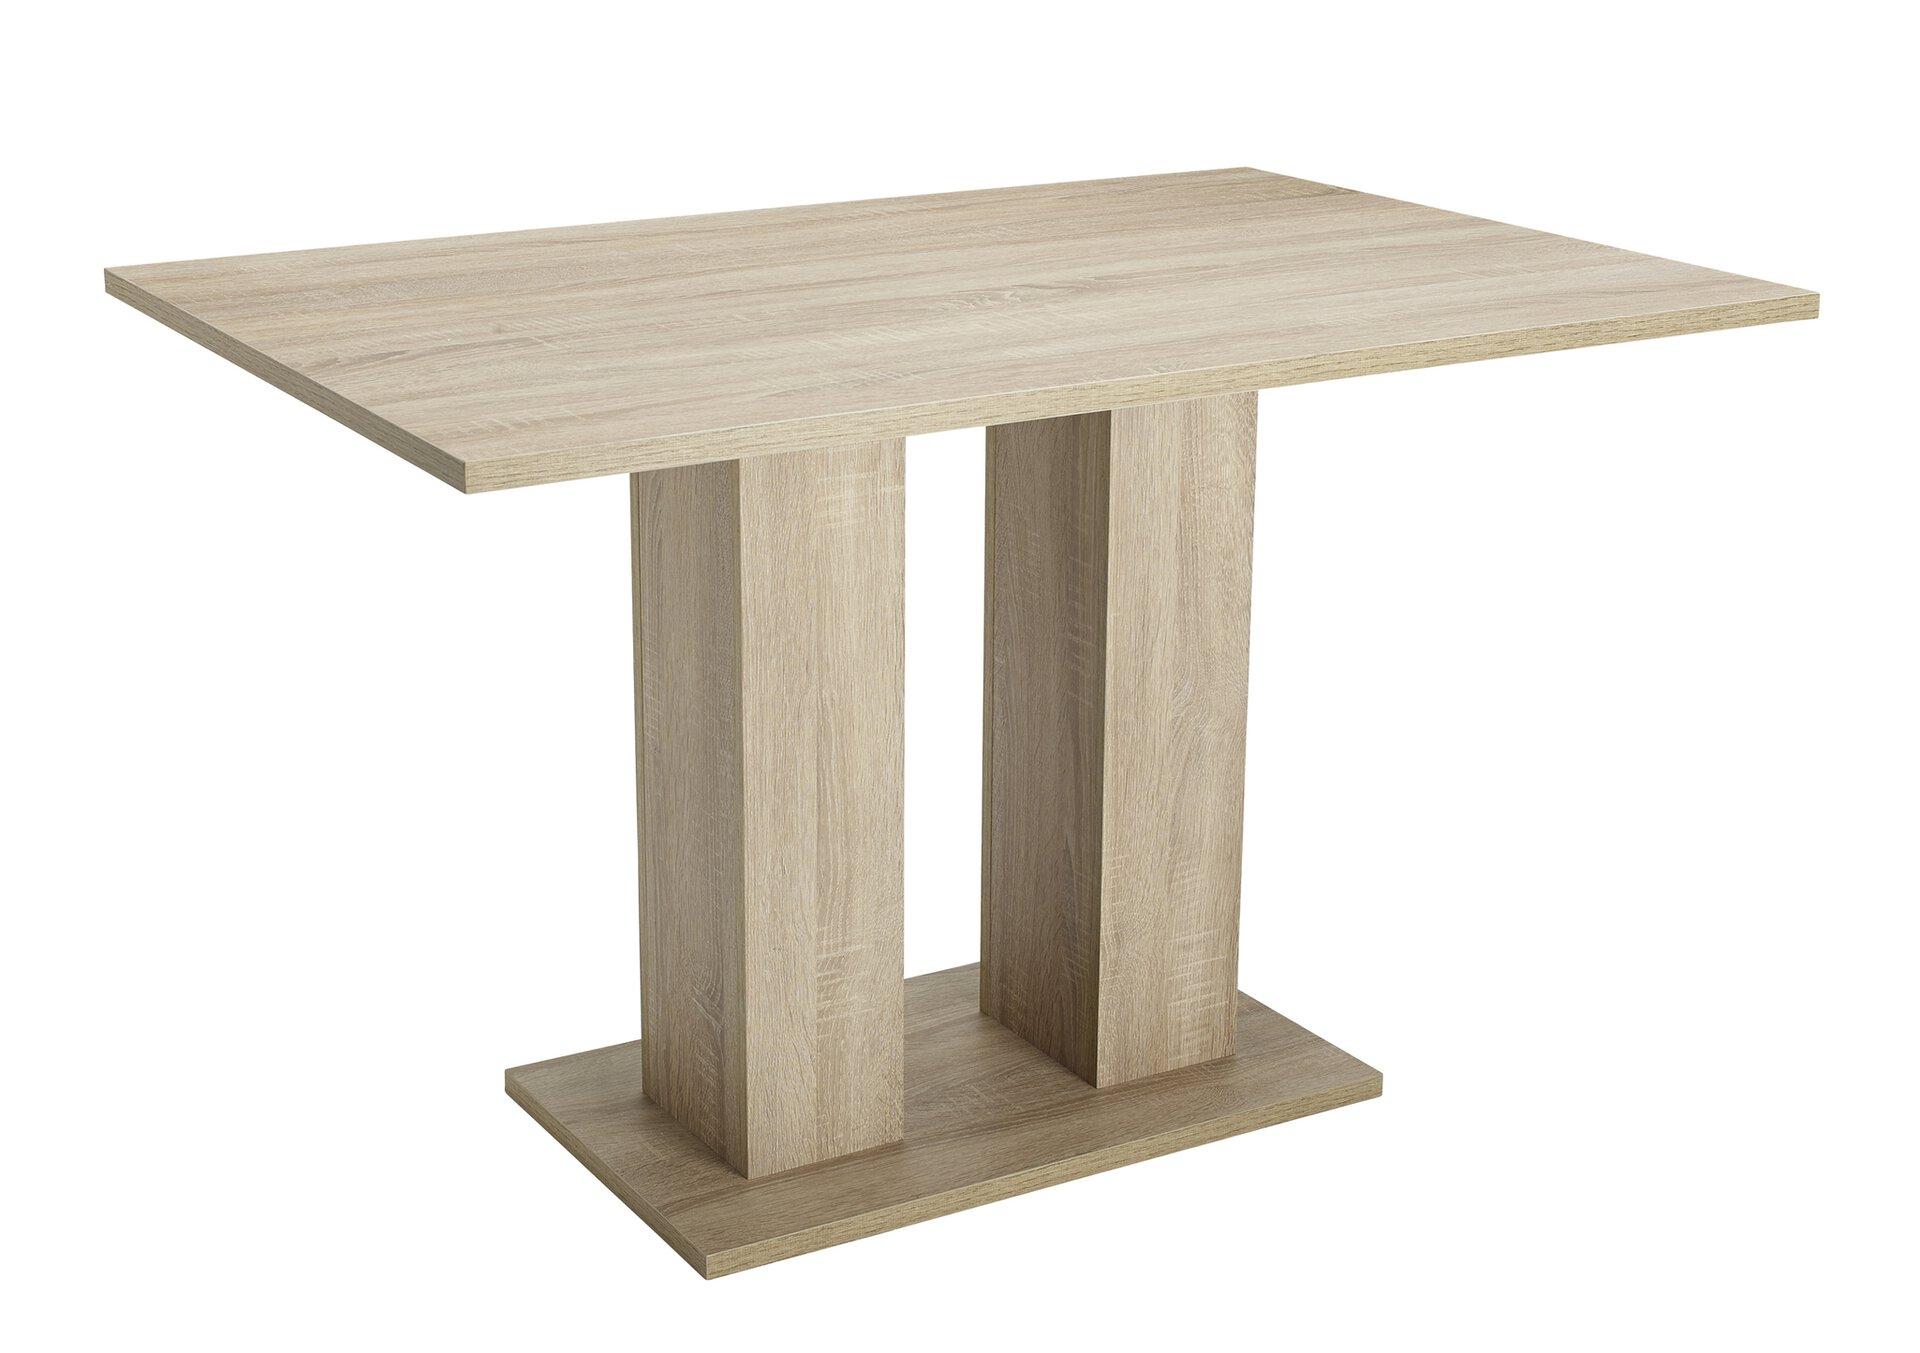 Esstisch ANDORRA Schösswender Holz braun